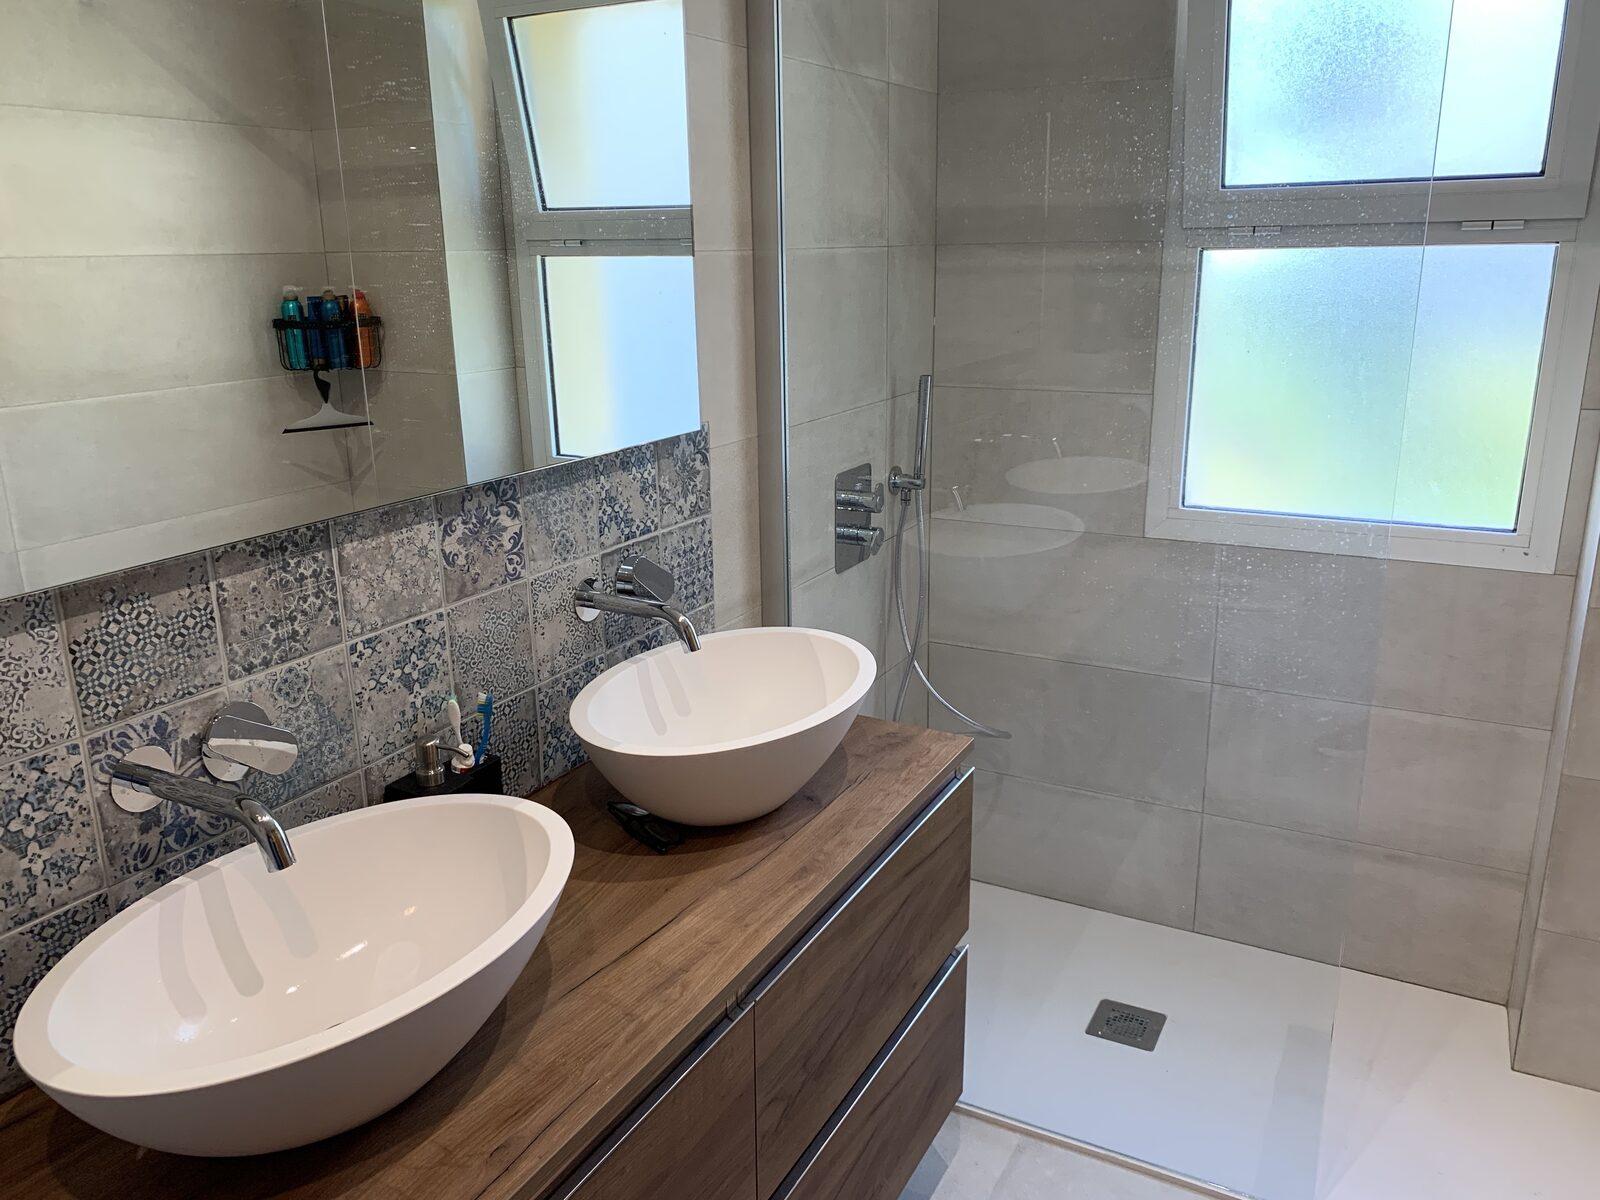 badkamer nieuw1